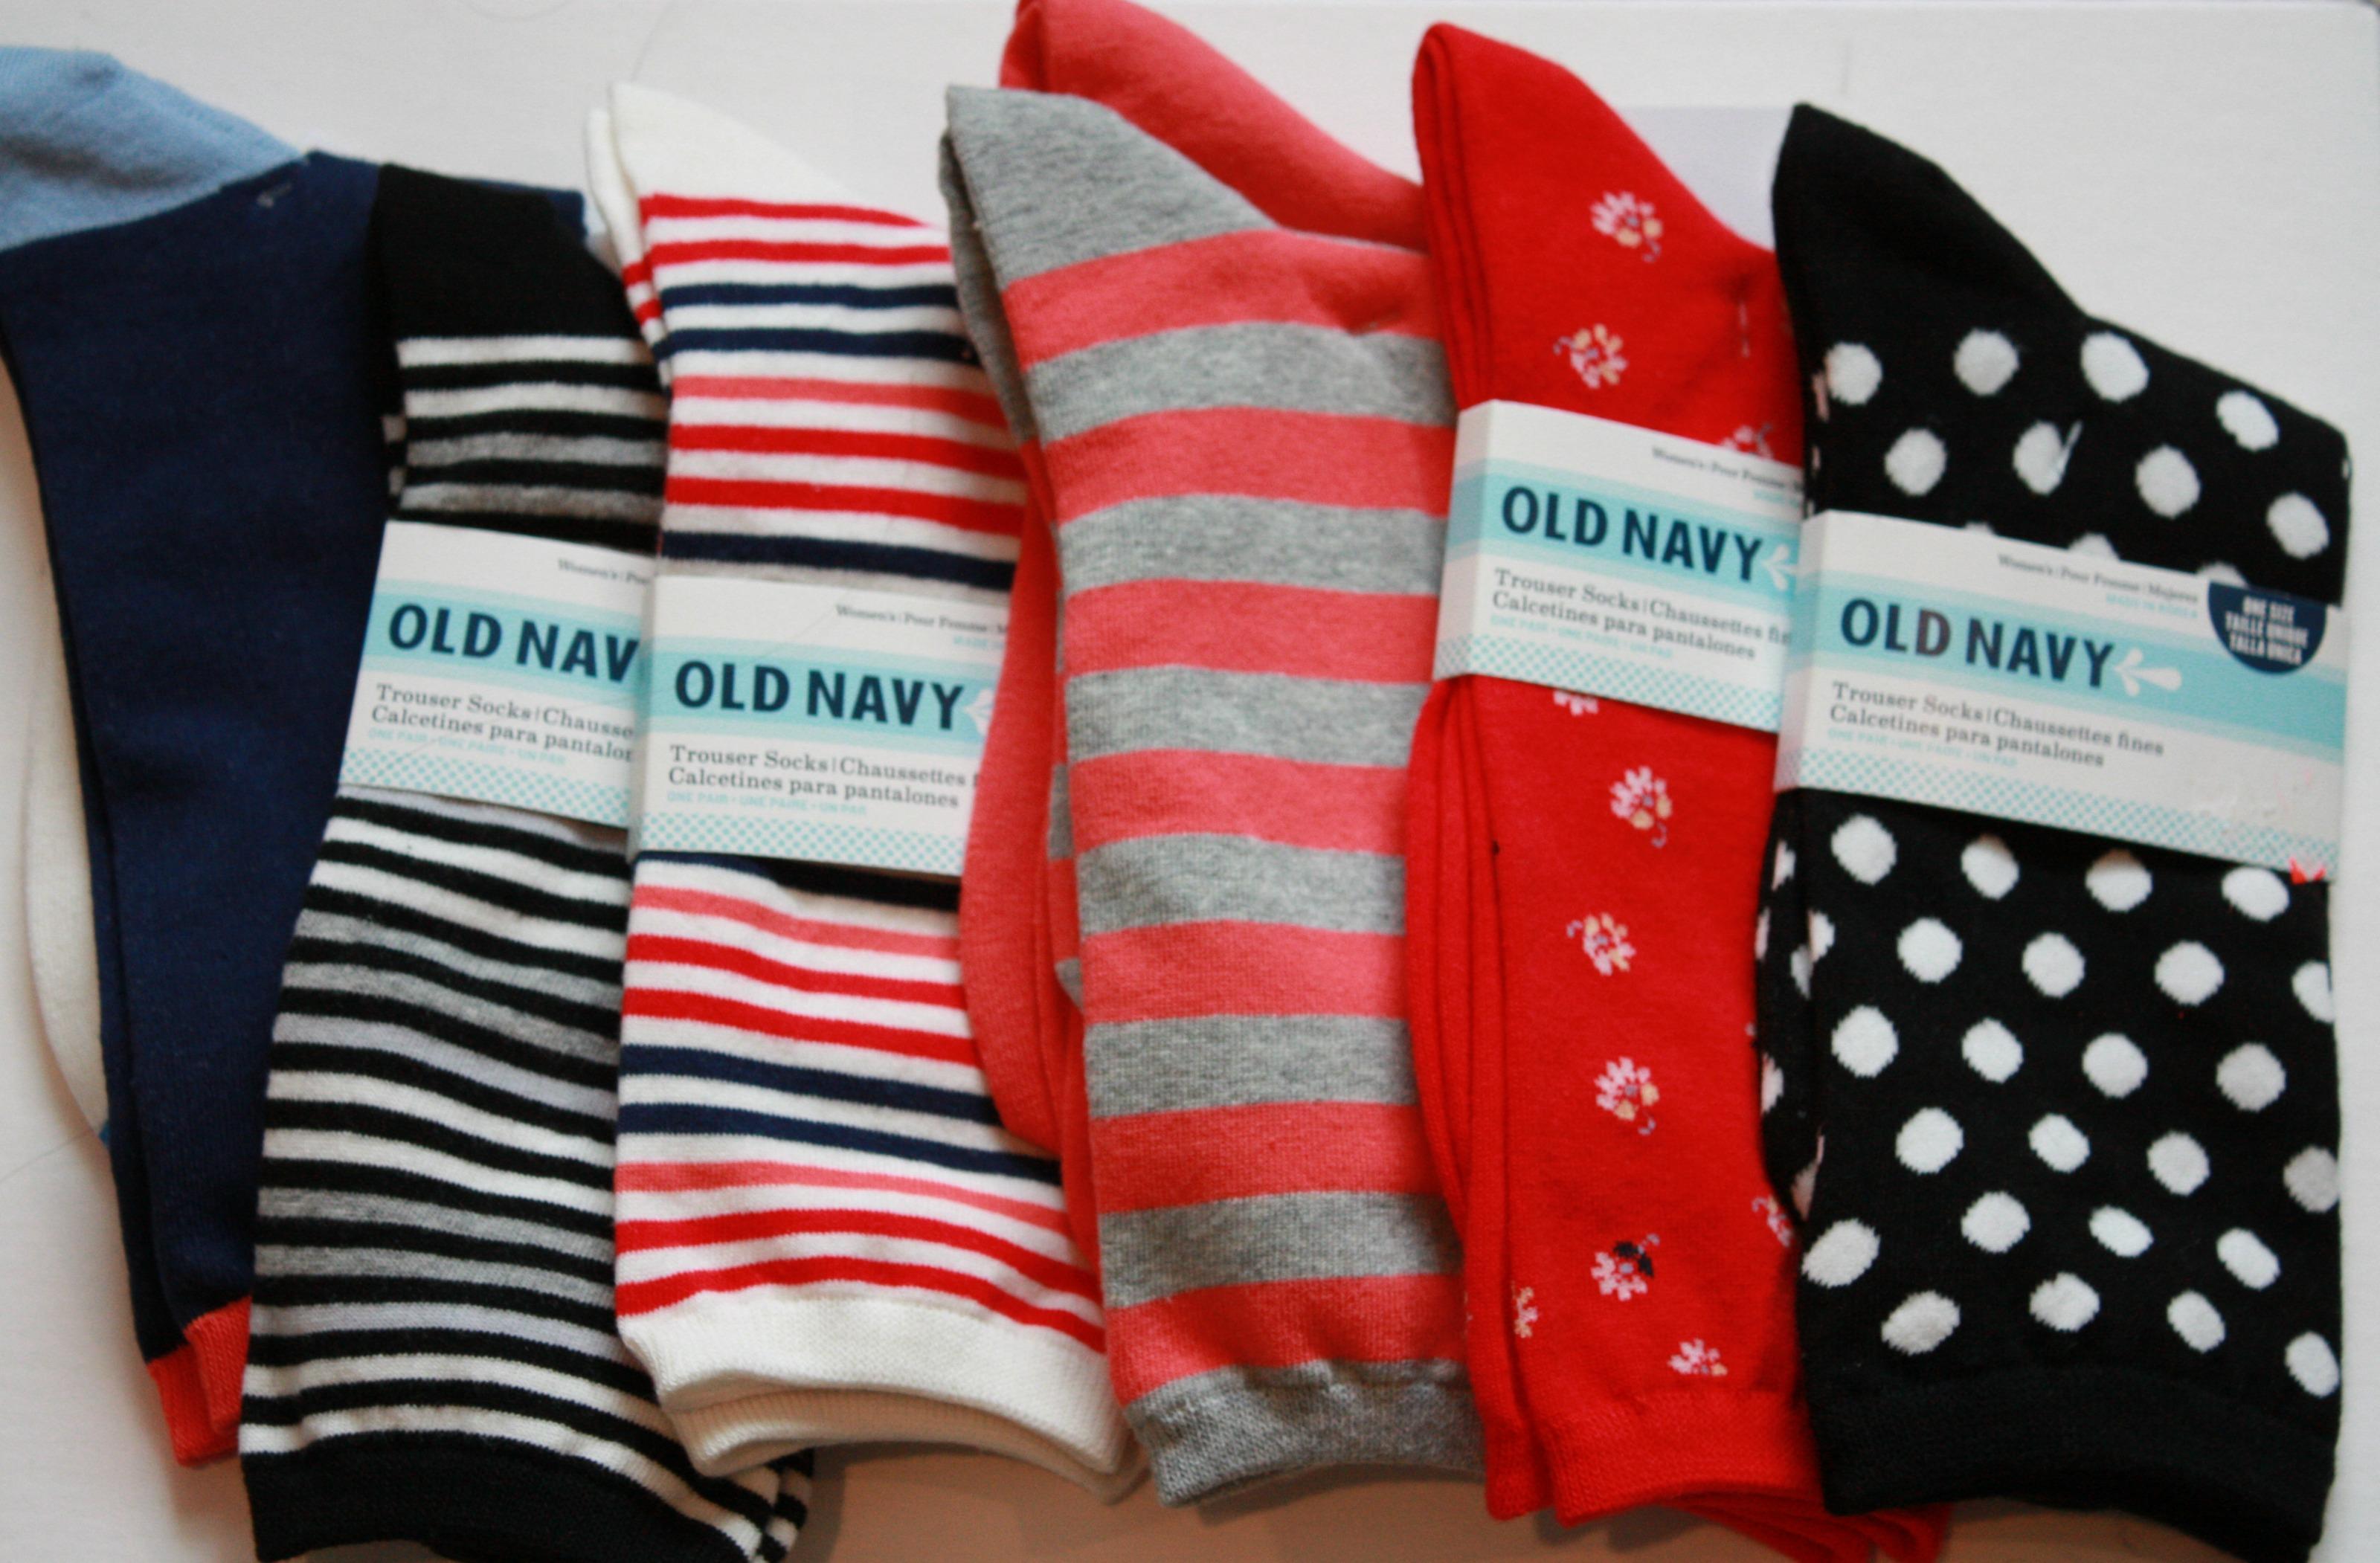 old navy socks